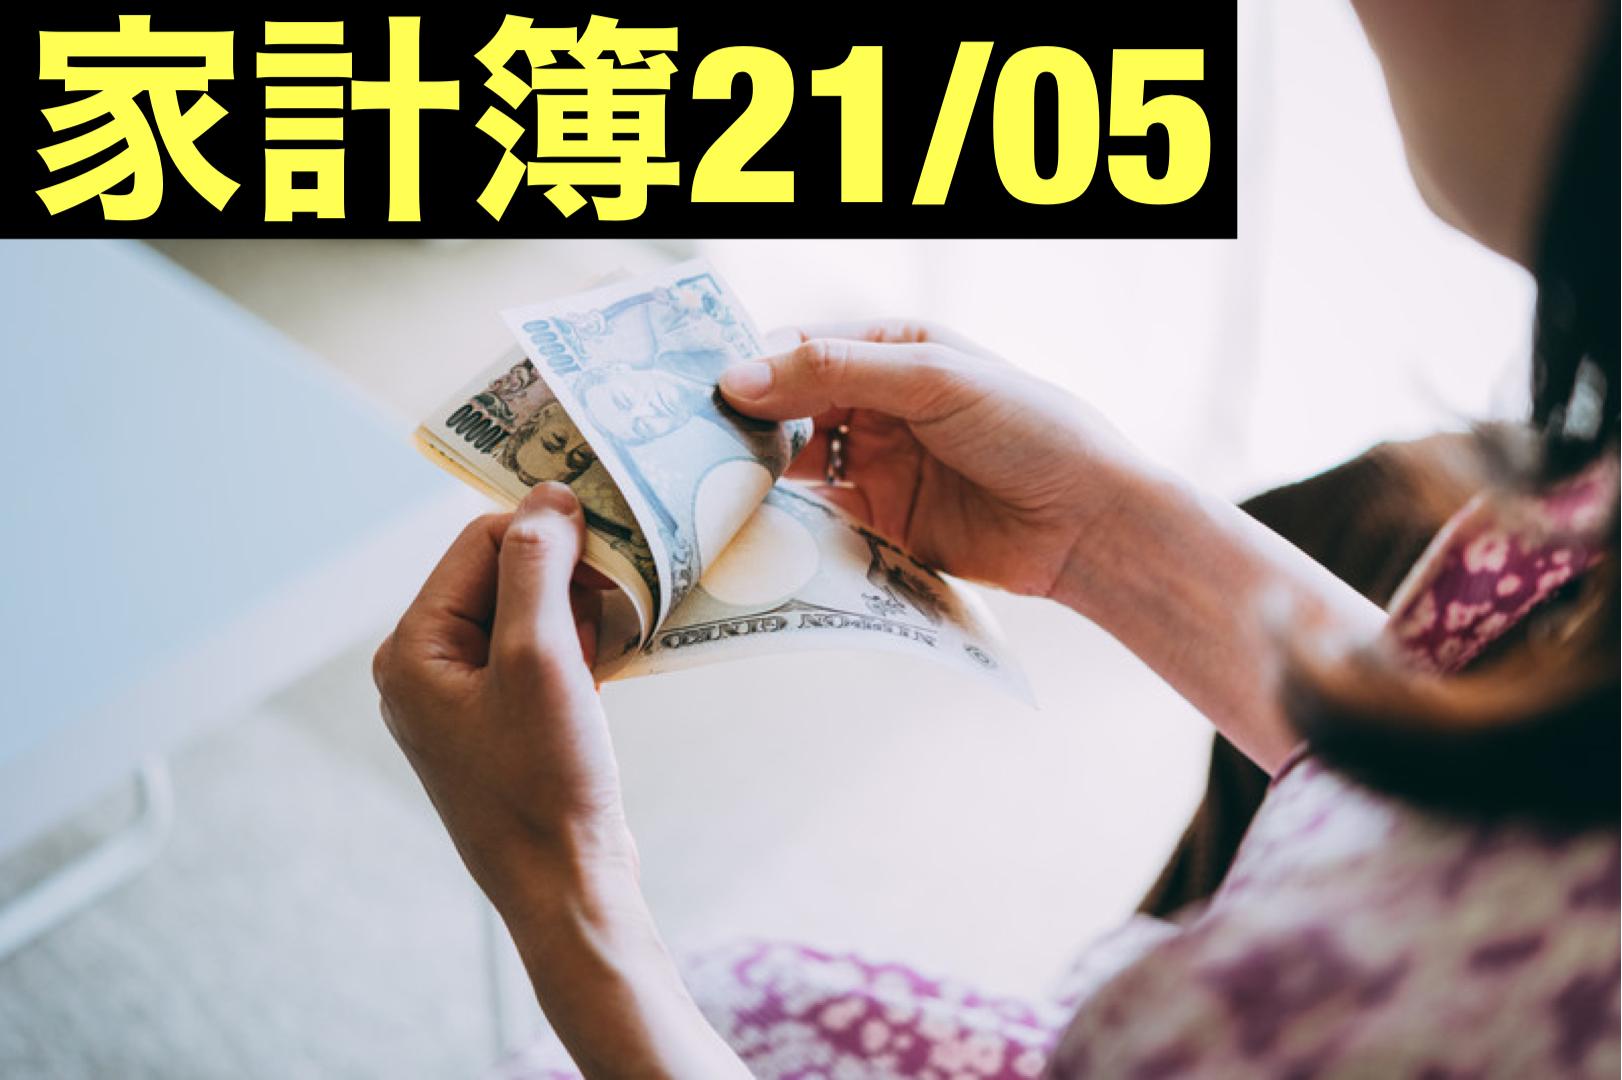 【30代】家計簿公開・21年05月【1人暮らし】